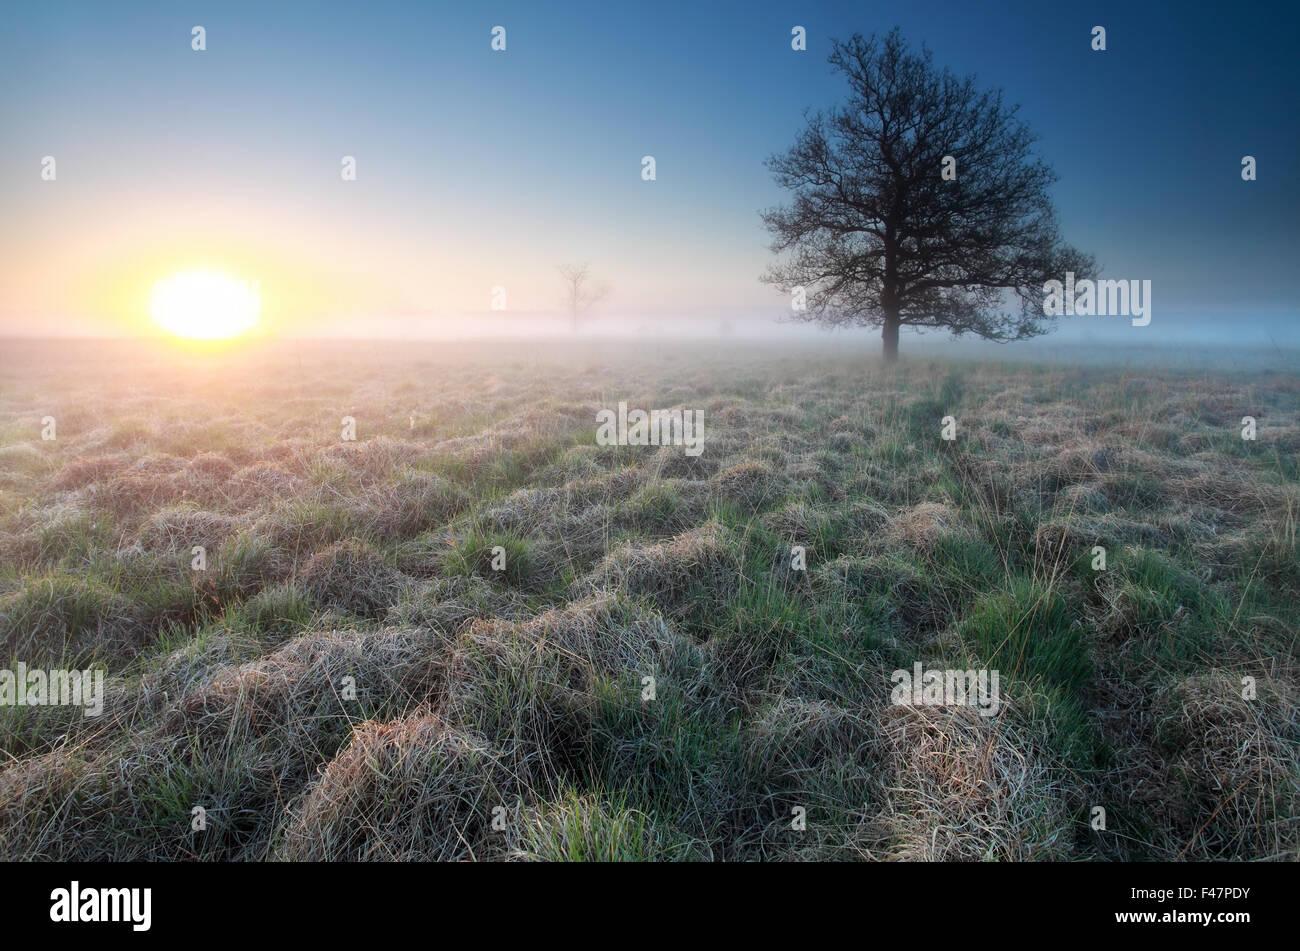 Amanecer y el caminito en árbol por Marsh, Países Bajos Imagen De Stock